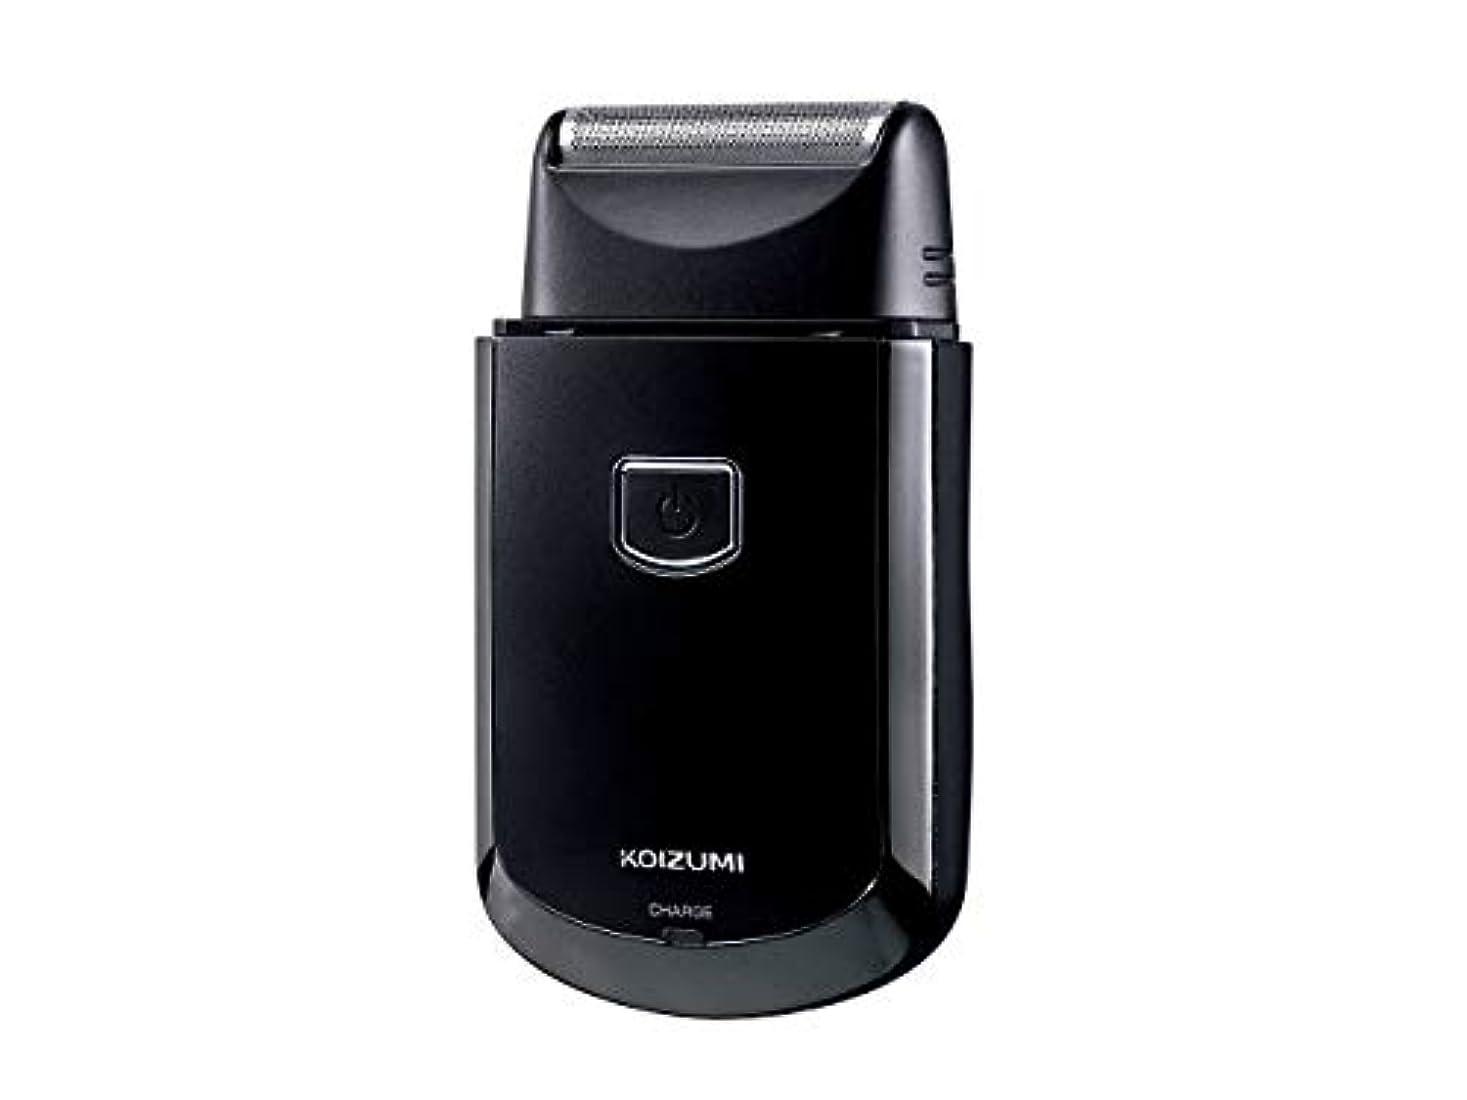 快い違反メタルラインコイズミ メンズシェーバー USB充電式 往復式 ブラック KMC-0700/K